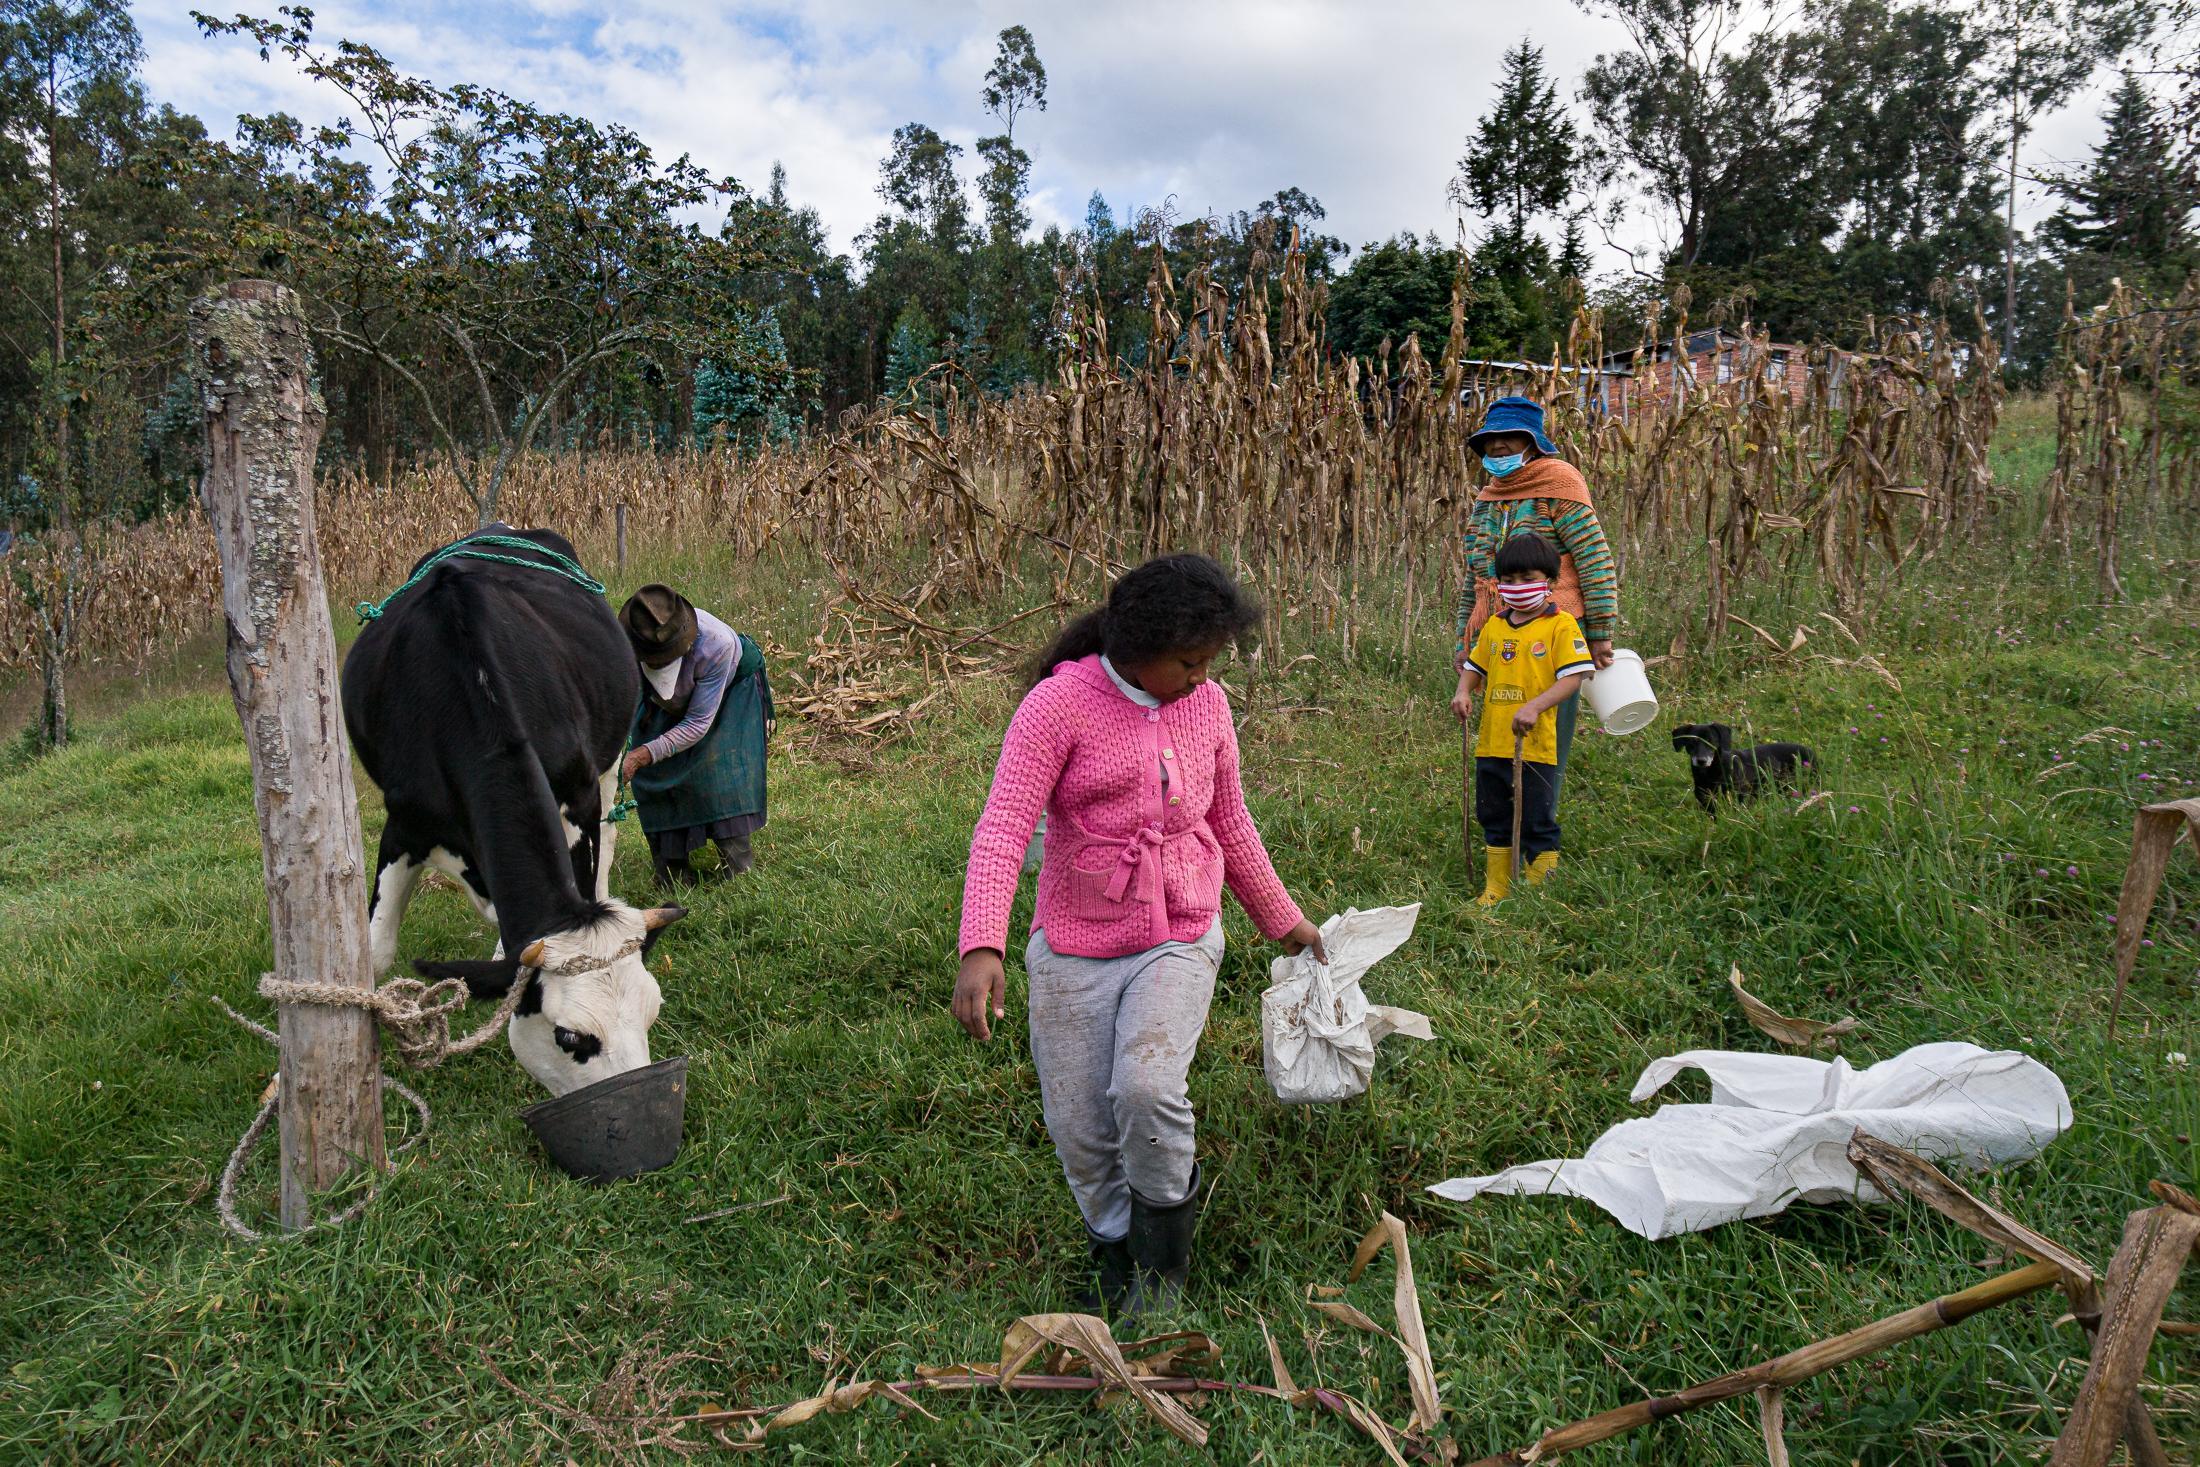 Lucía Cabeza (11) trae consigo el alimento para su vaca Maruja mientras su abuela la ordeña. Todas las tardes, desde que empezó la cuarentena, la acompaña a arrear a las vacas y darle de beber. Ahora las mañana se dedica a ahcer sus tareas y en las tardes a ciertas tareas del campo. 20 de junio de 2020. Cotogchoa-Ecuador. Andrés Yépez.